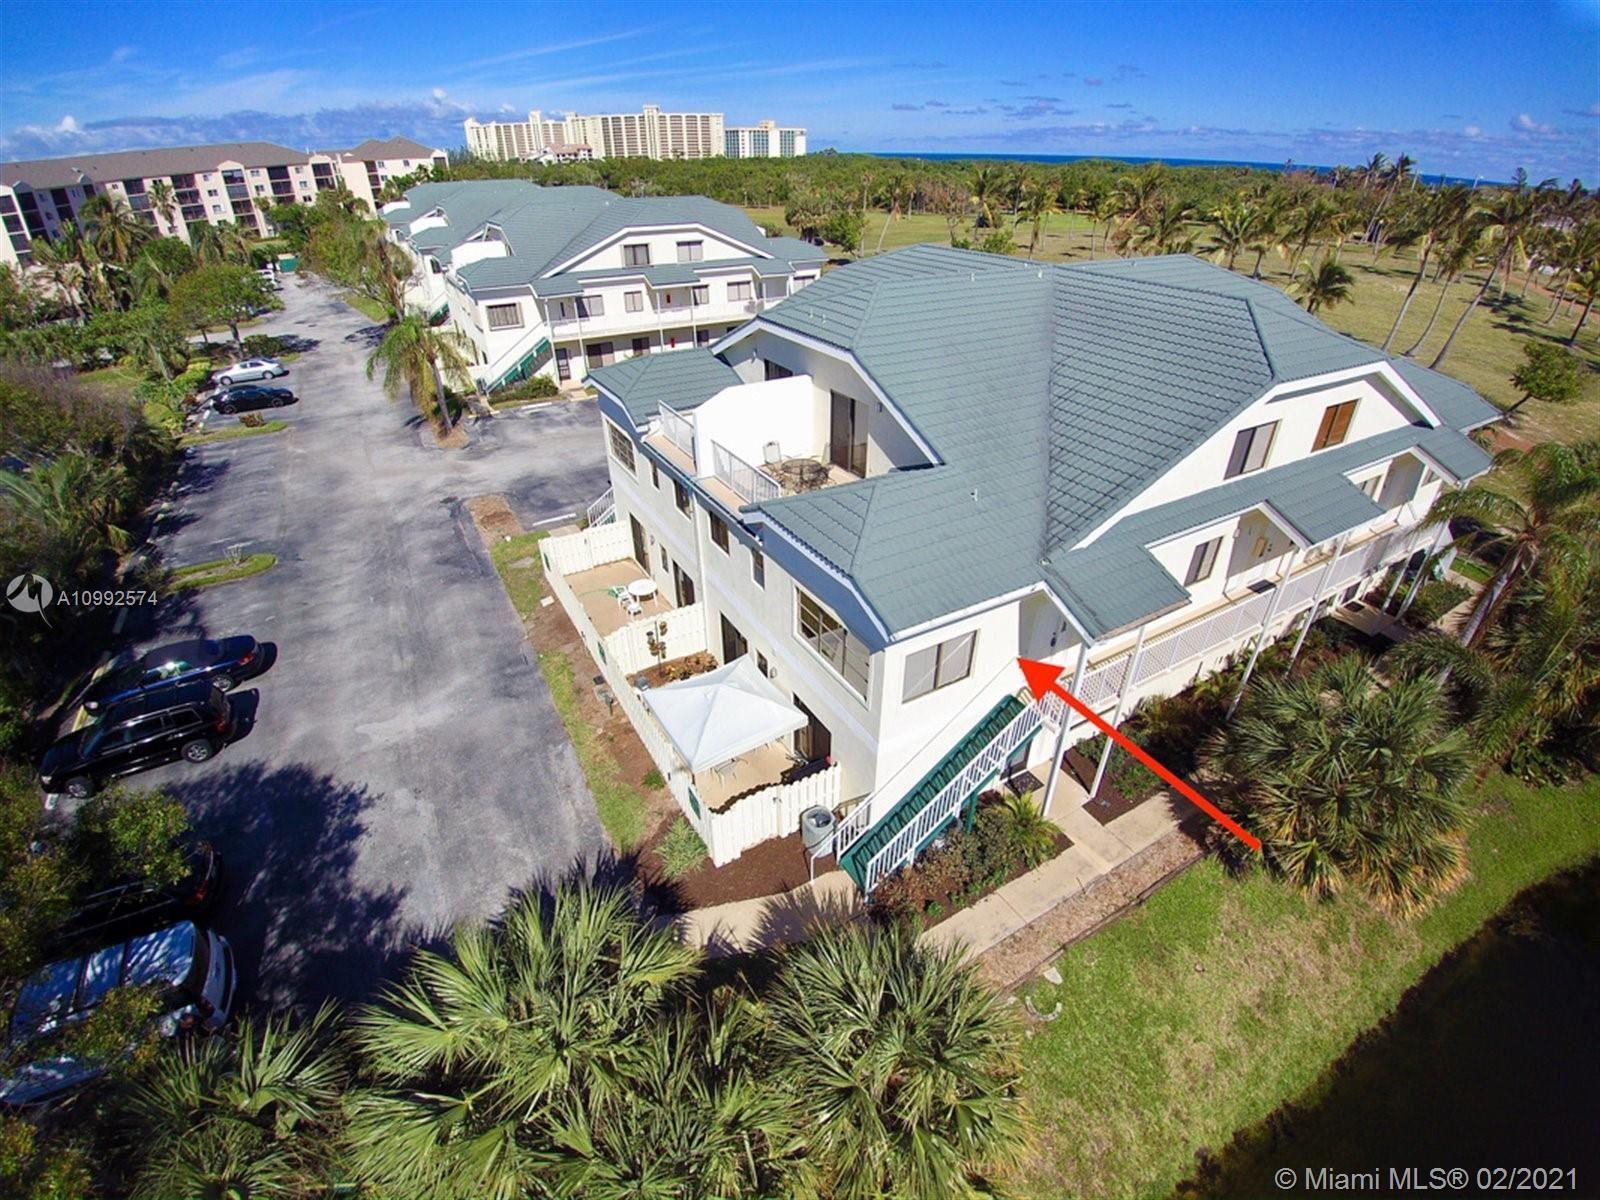 470 N Bella Vista Court #470, Jupiter, FL 33477 - #: A10992574